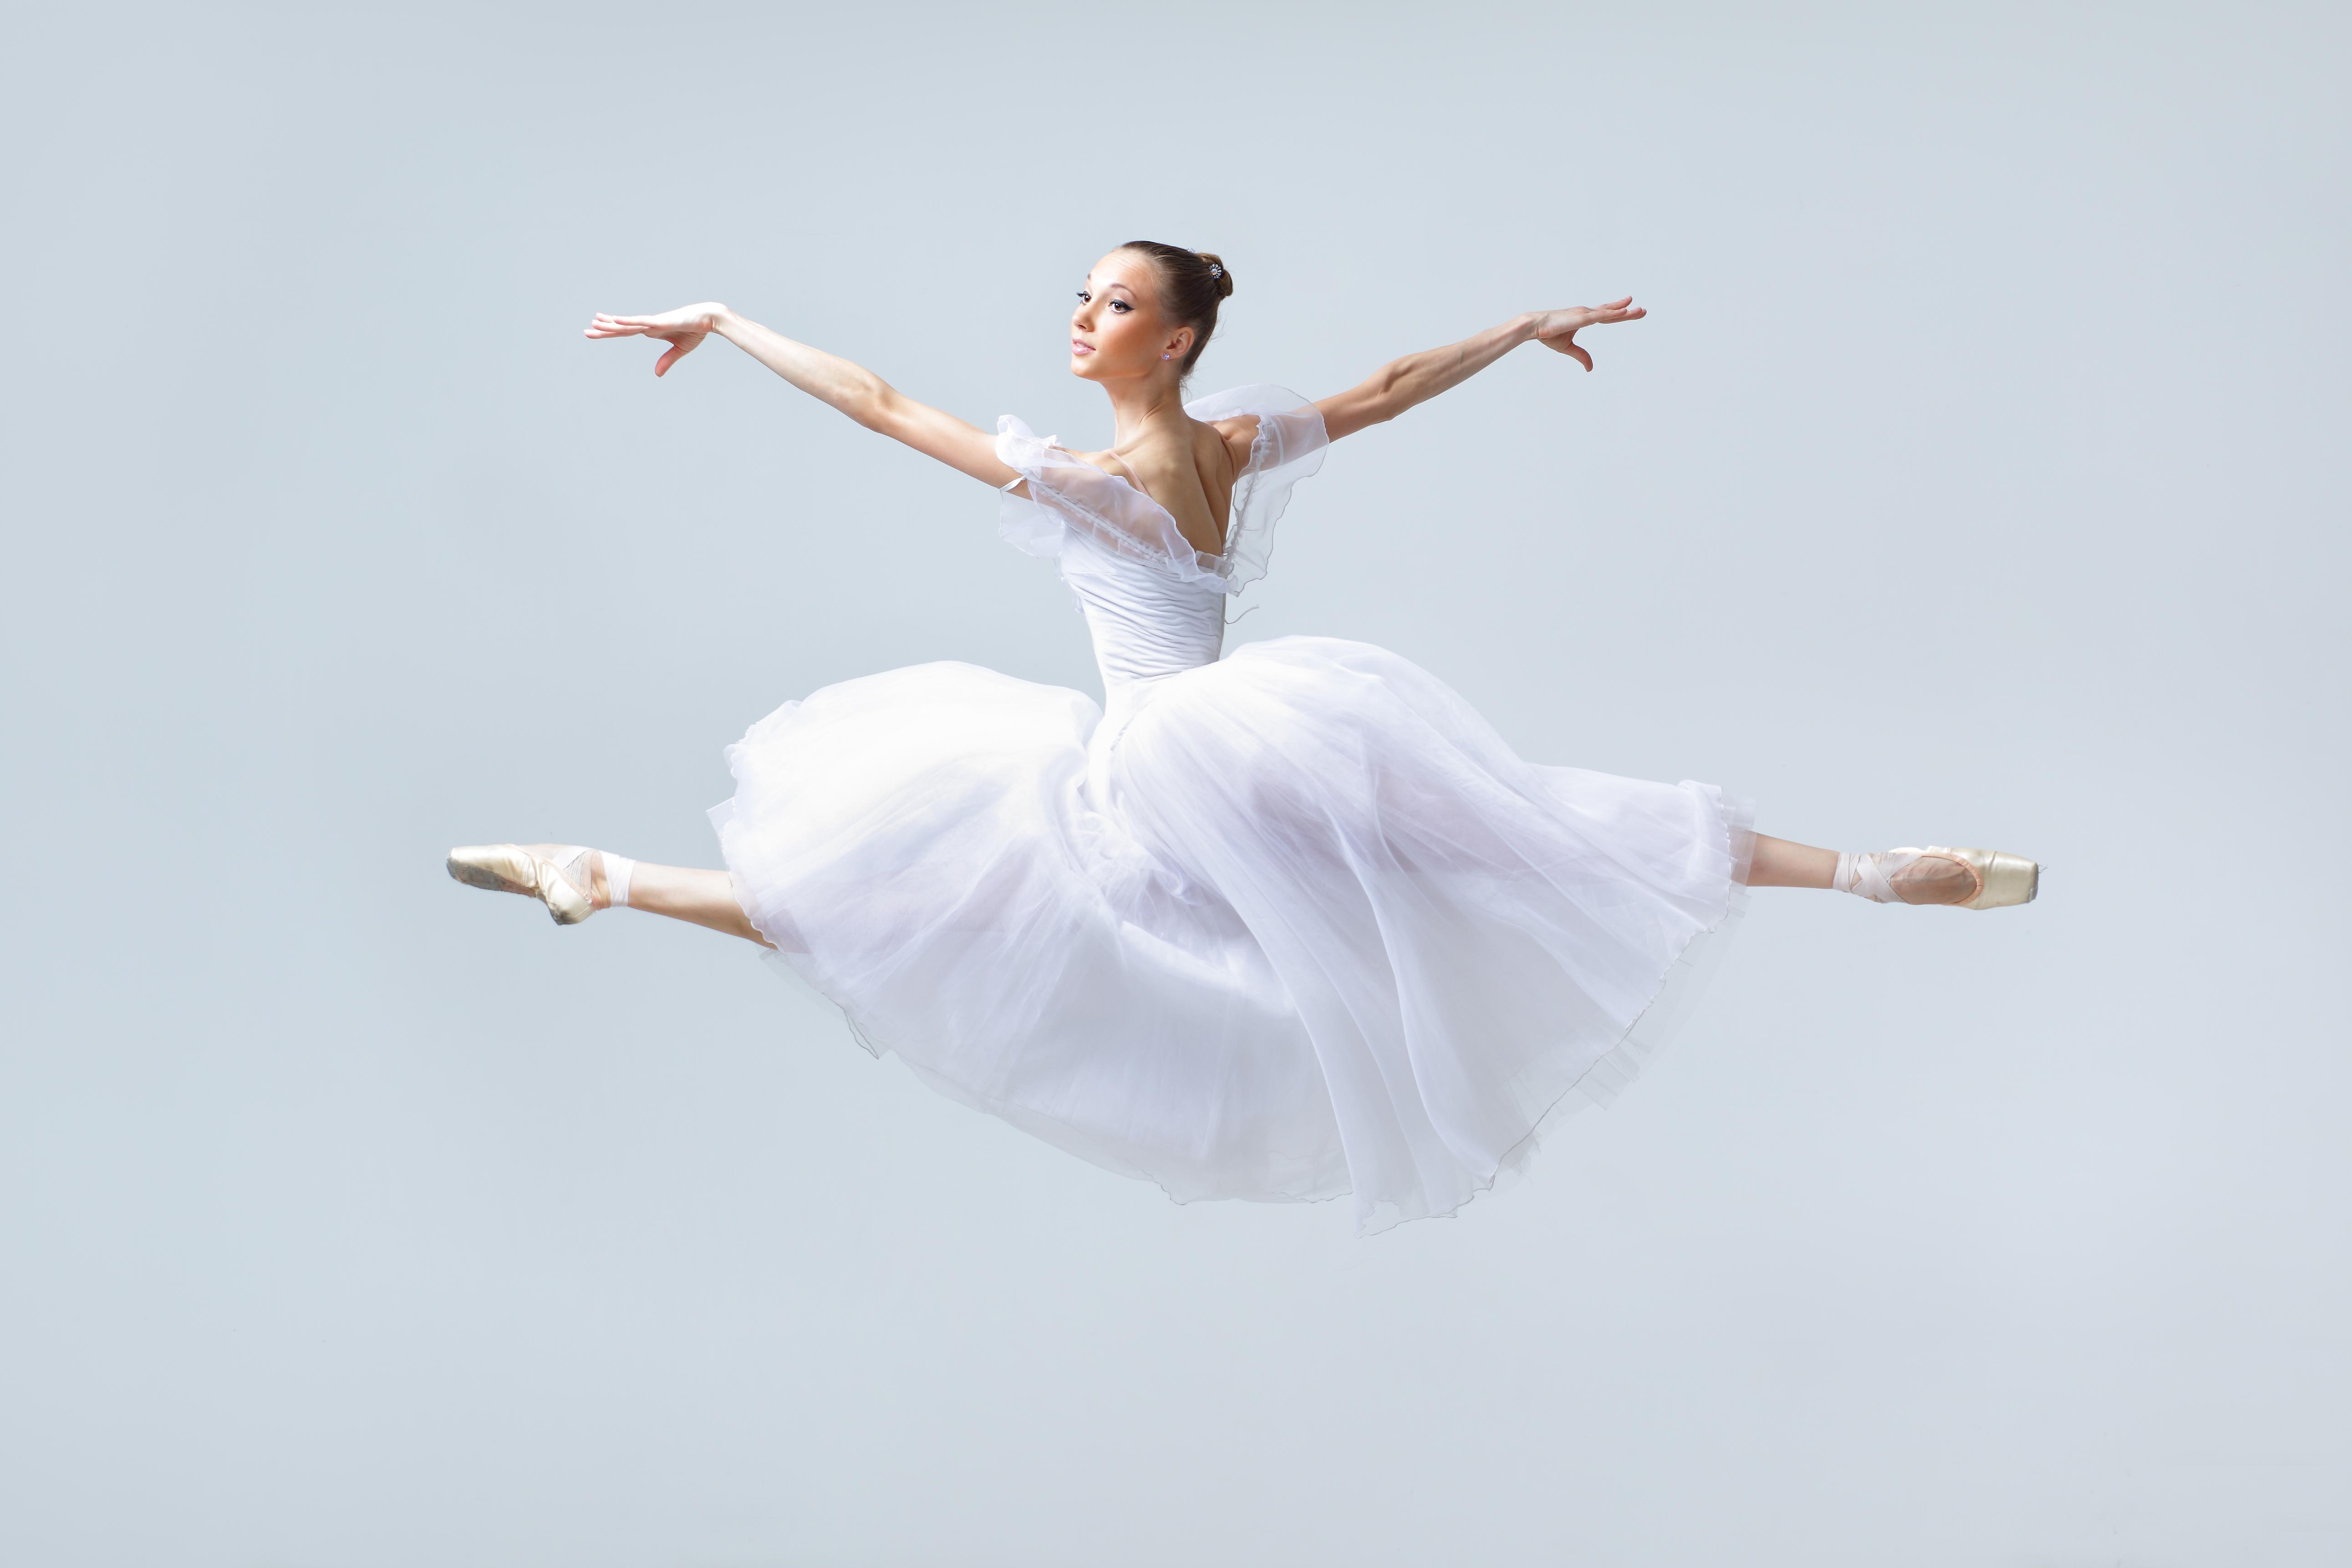 мериносовую пряжу картинки балерин в прыжке ледяная пещера